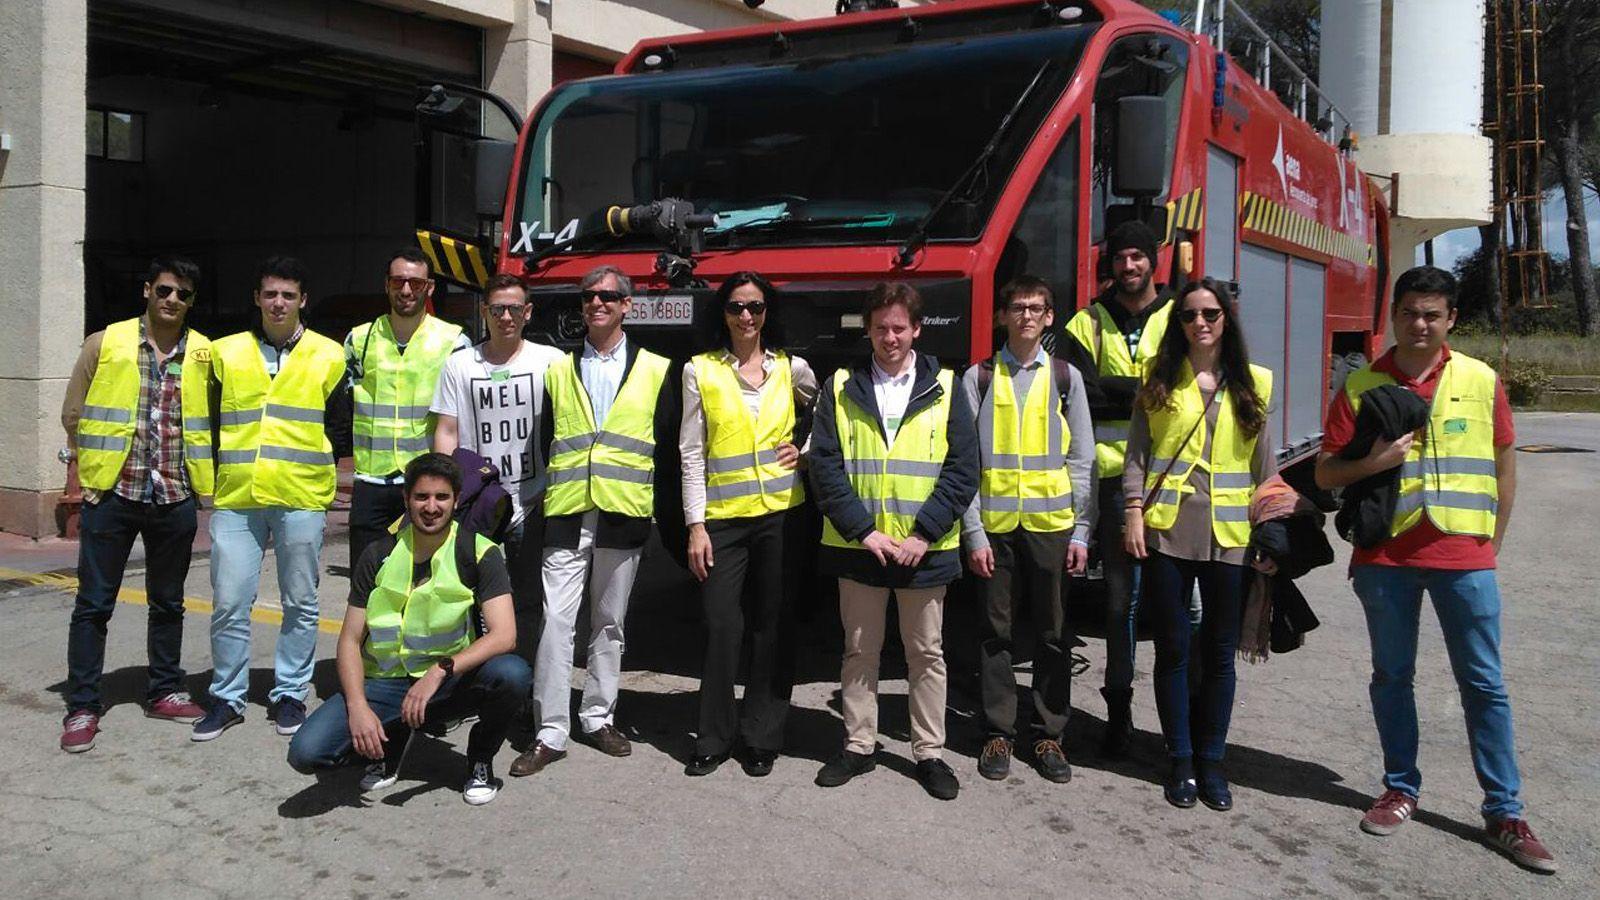 Imagen del momento en el que los estudiantes han visitado el Servicio de Extinción de Incendios (SEI) del Aeropuerto de Jerez